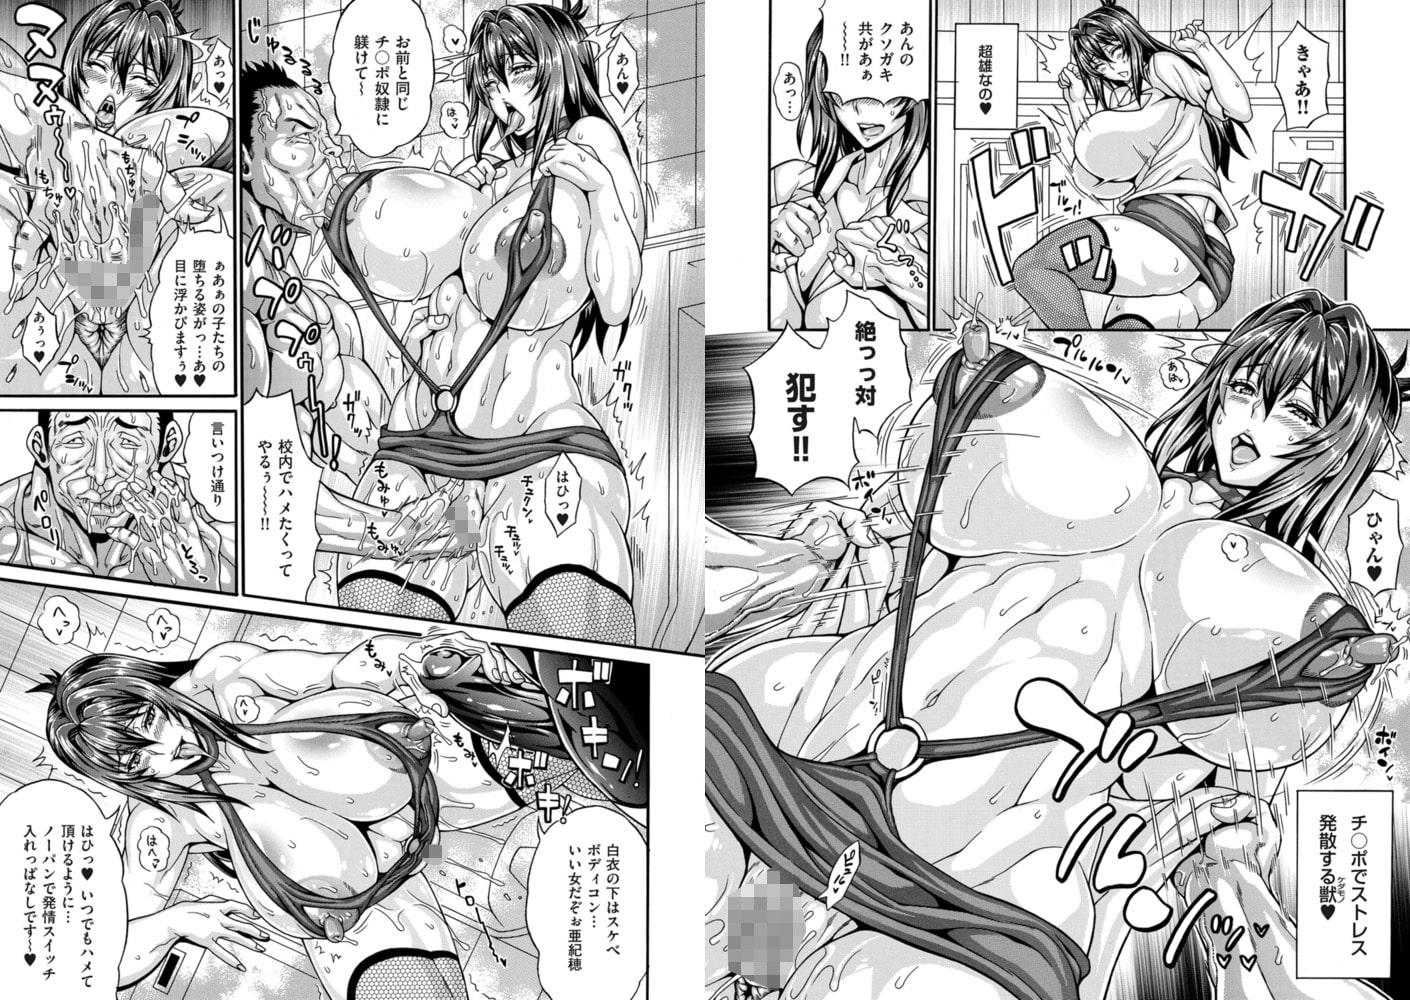 雌豚チ♂ポ奴隷 ~保健医 弐城亜紀穂~のサンプル画像